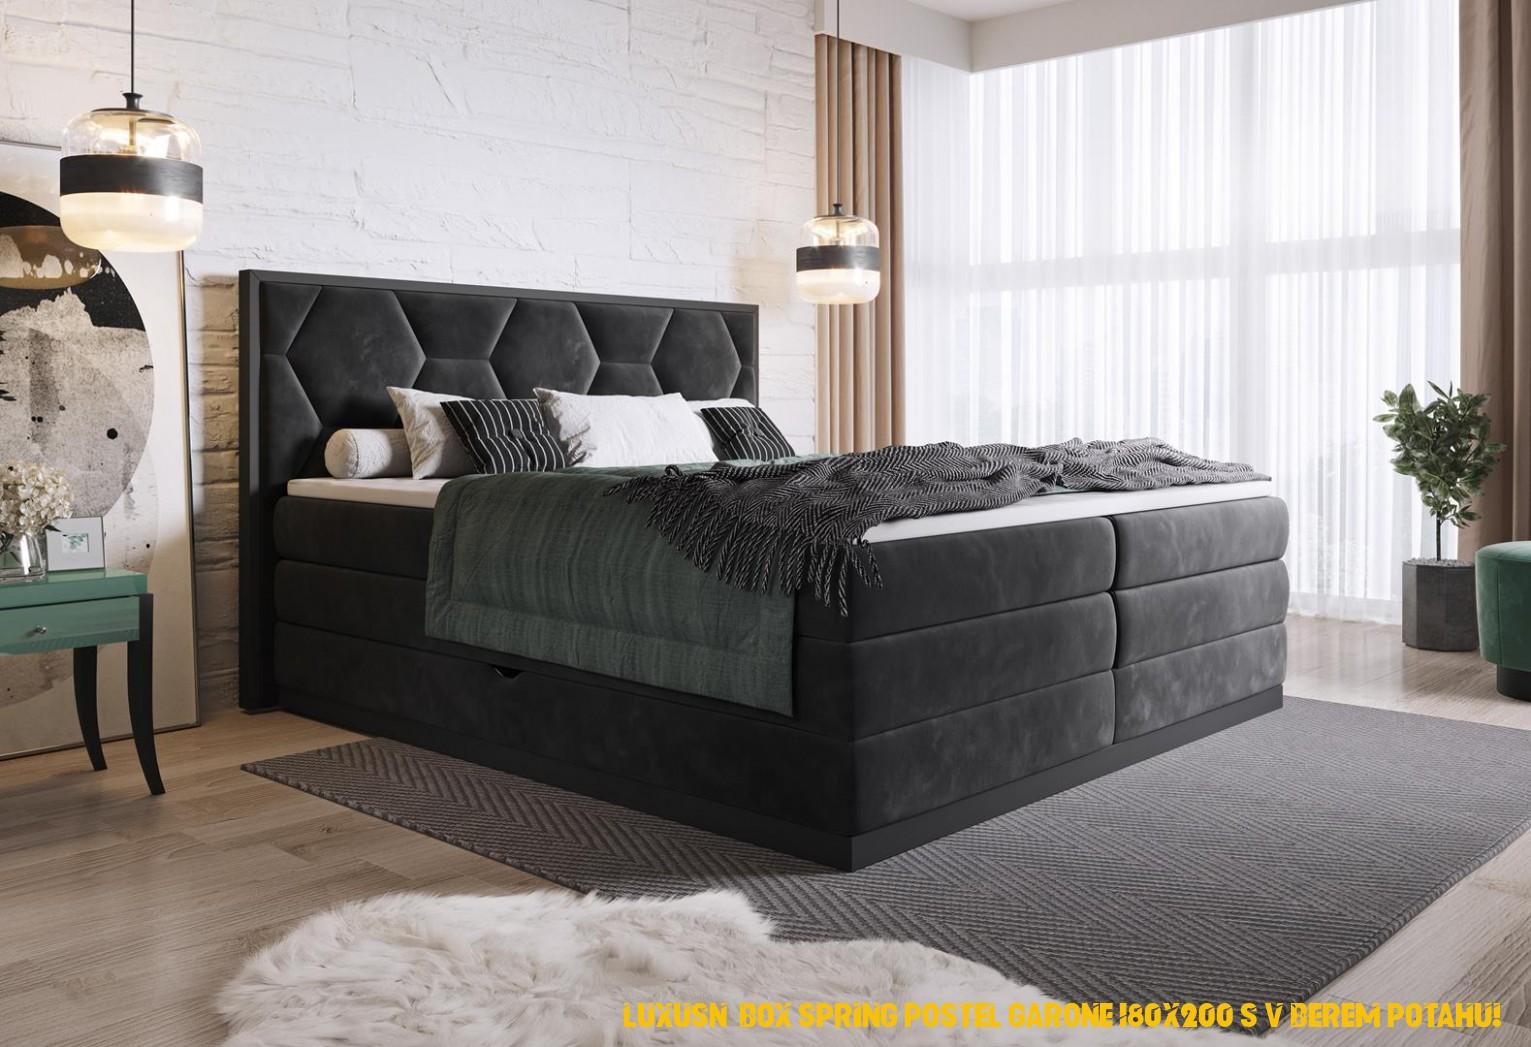 Luxusní box spring postel Garone 4x4 s výběrem potahu!